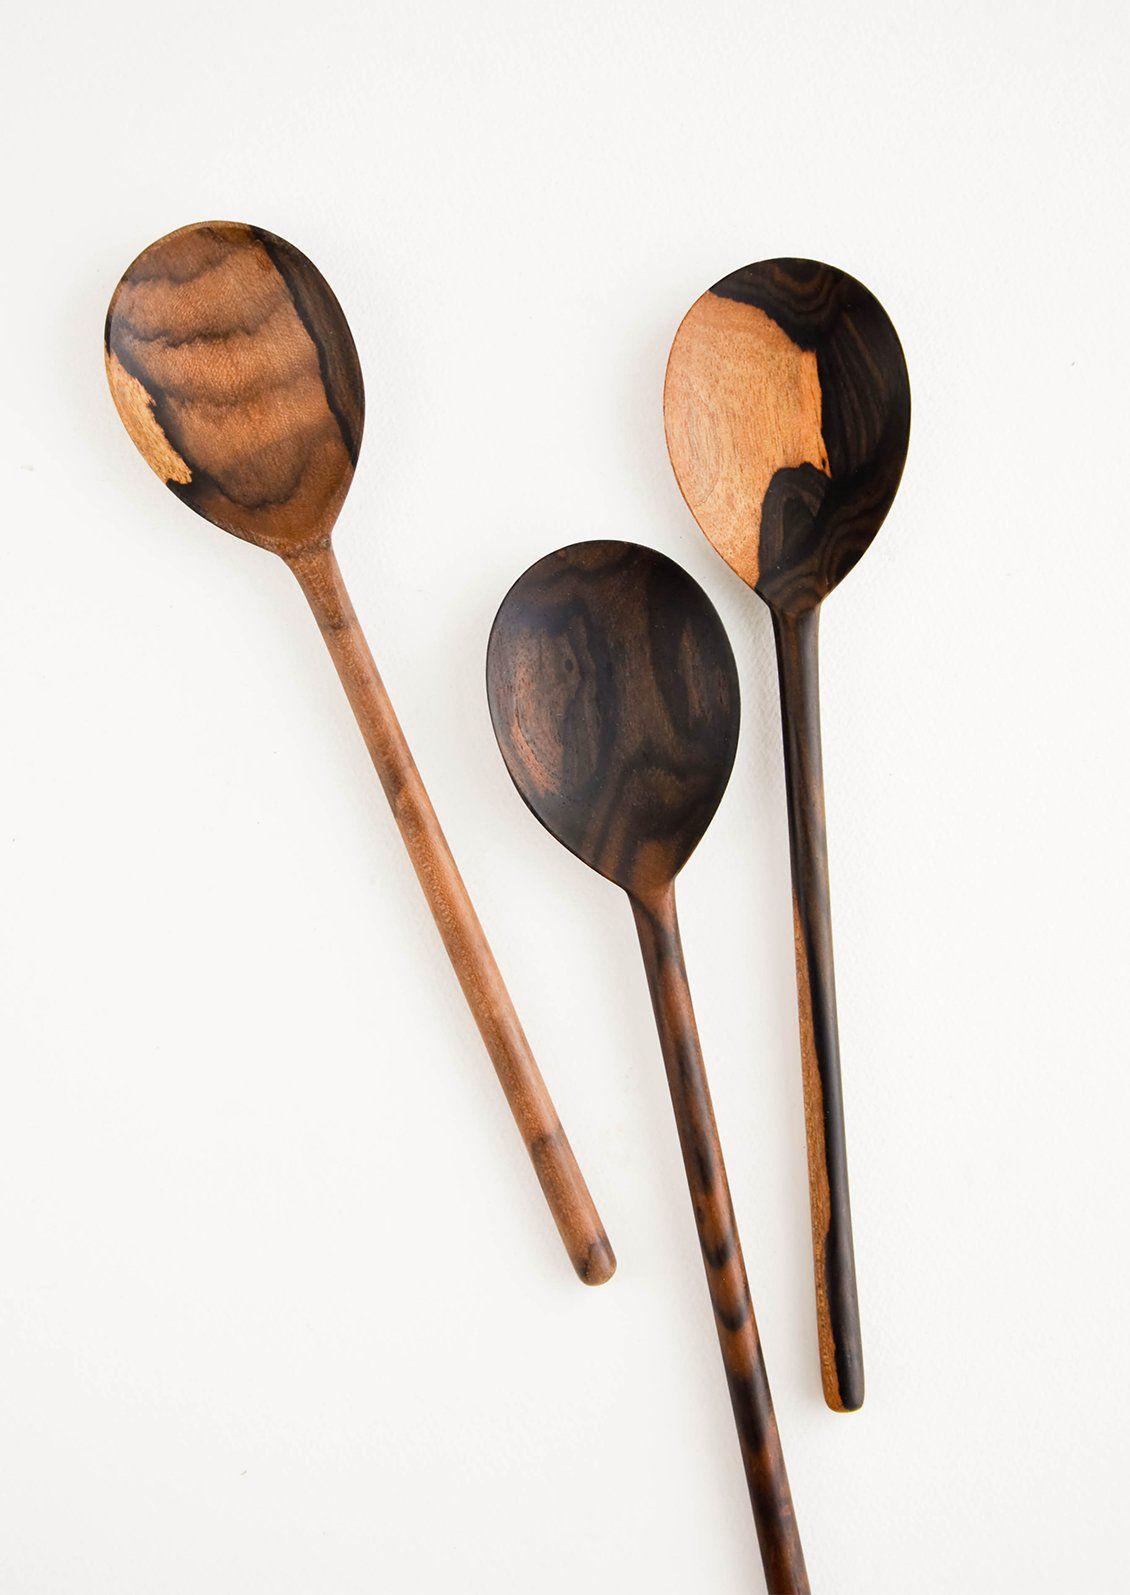 Peten Wooden Spoons